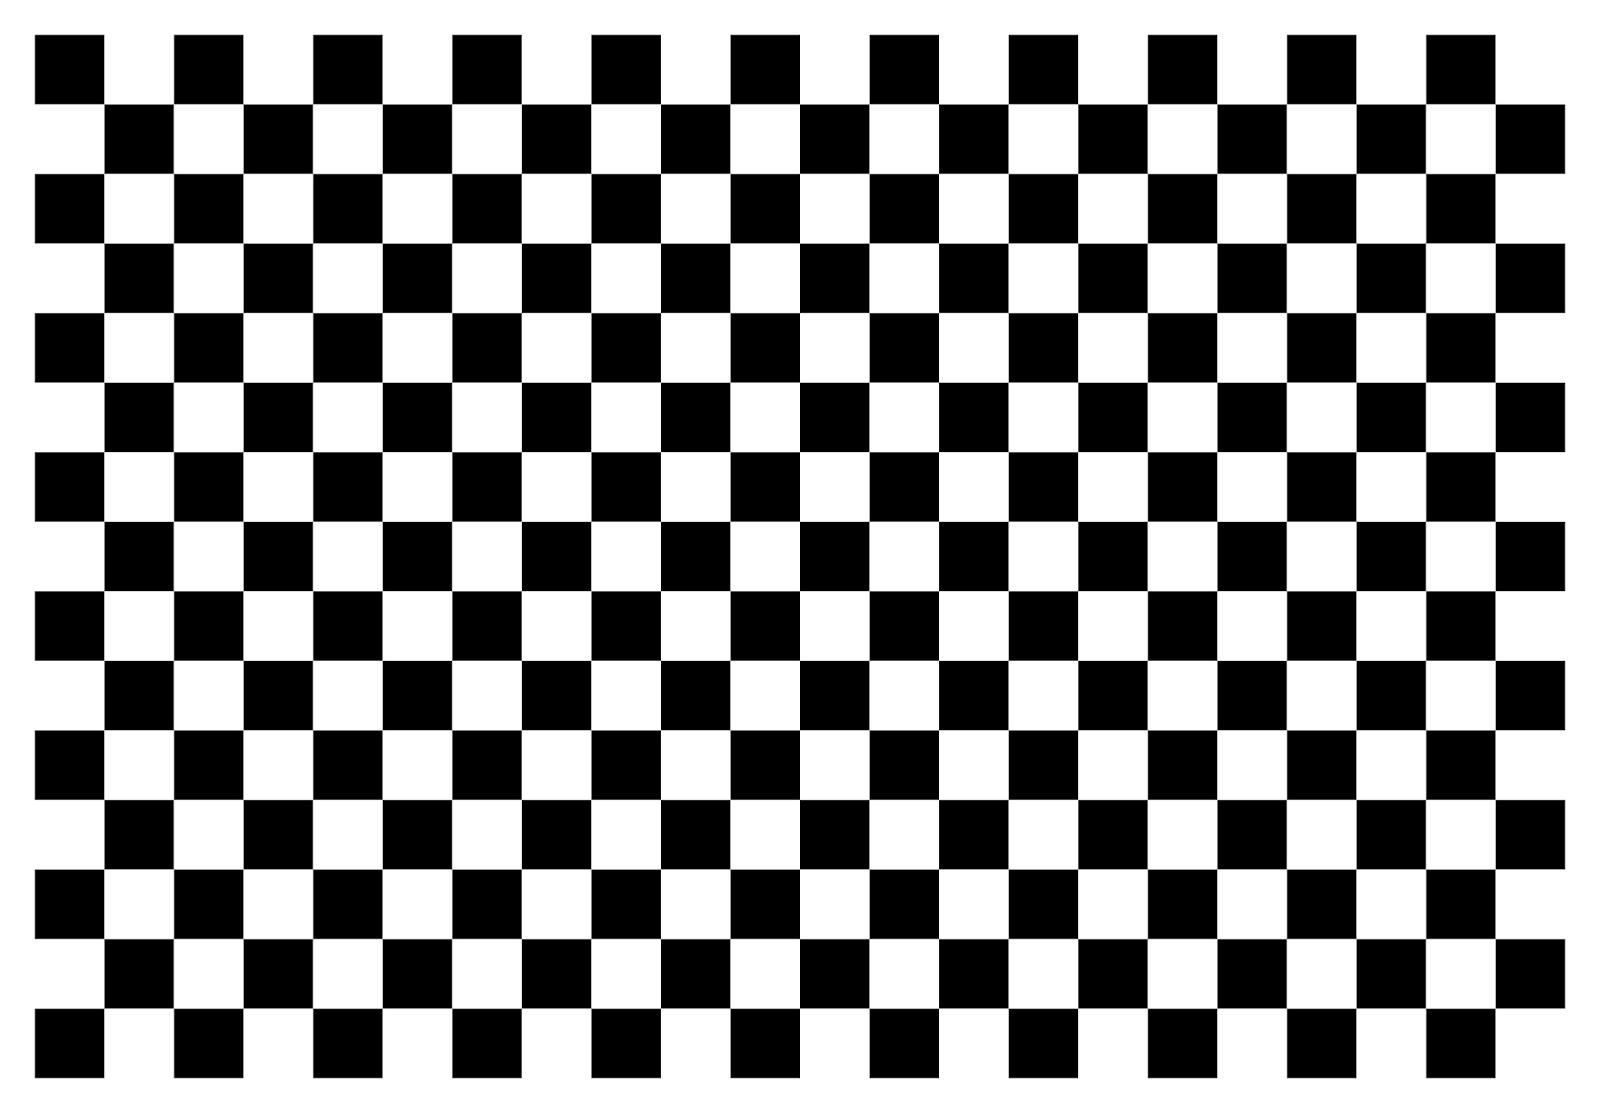 Checker board clipart clip black and white download Free Checker Board, Download Free Clip Art, Free Clip Art on Clipart ... clip black and white download